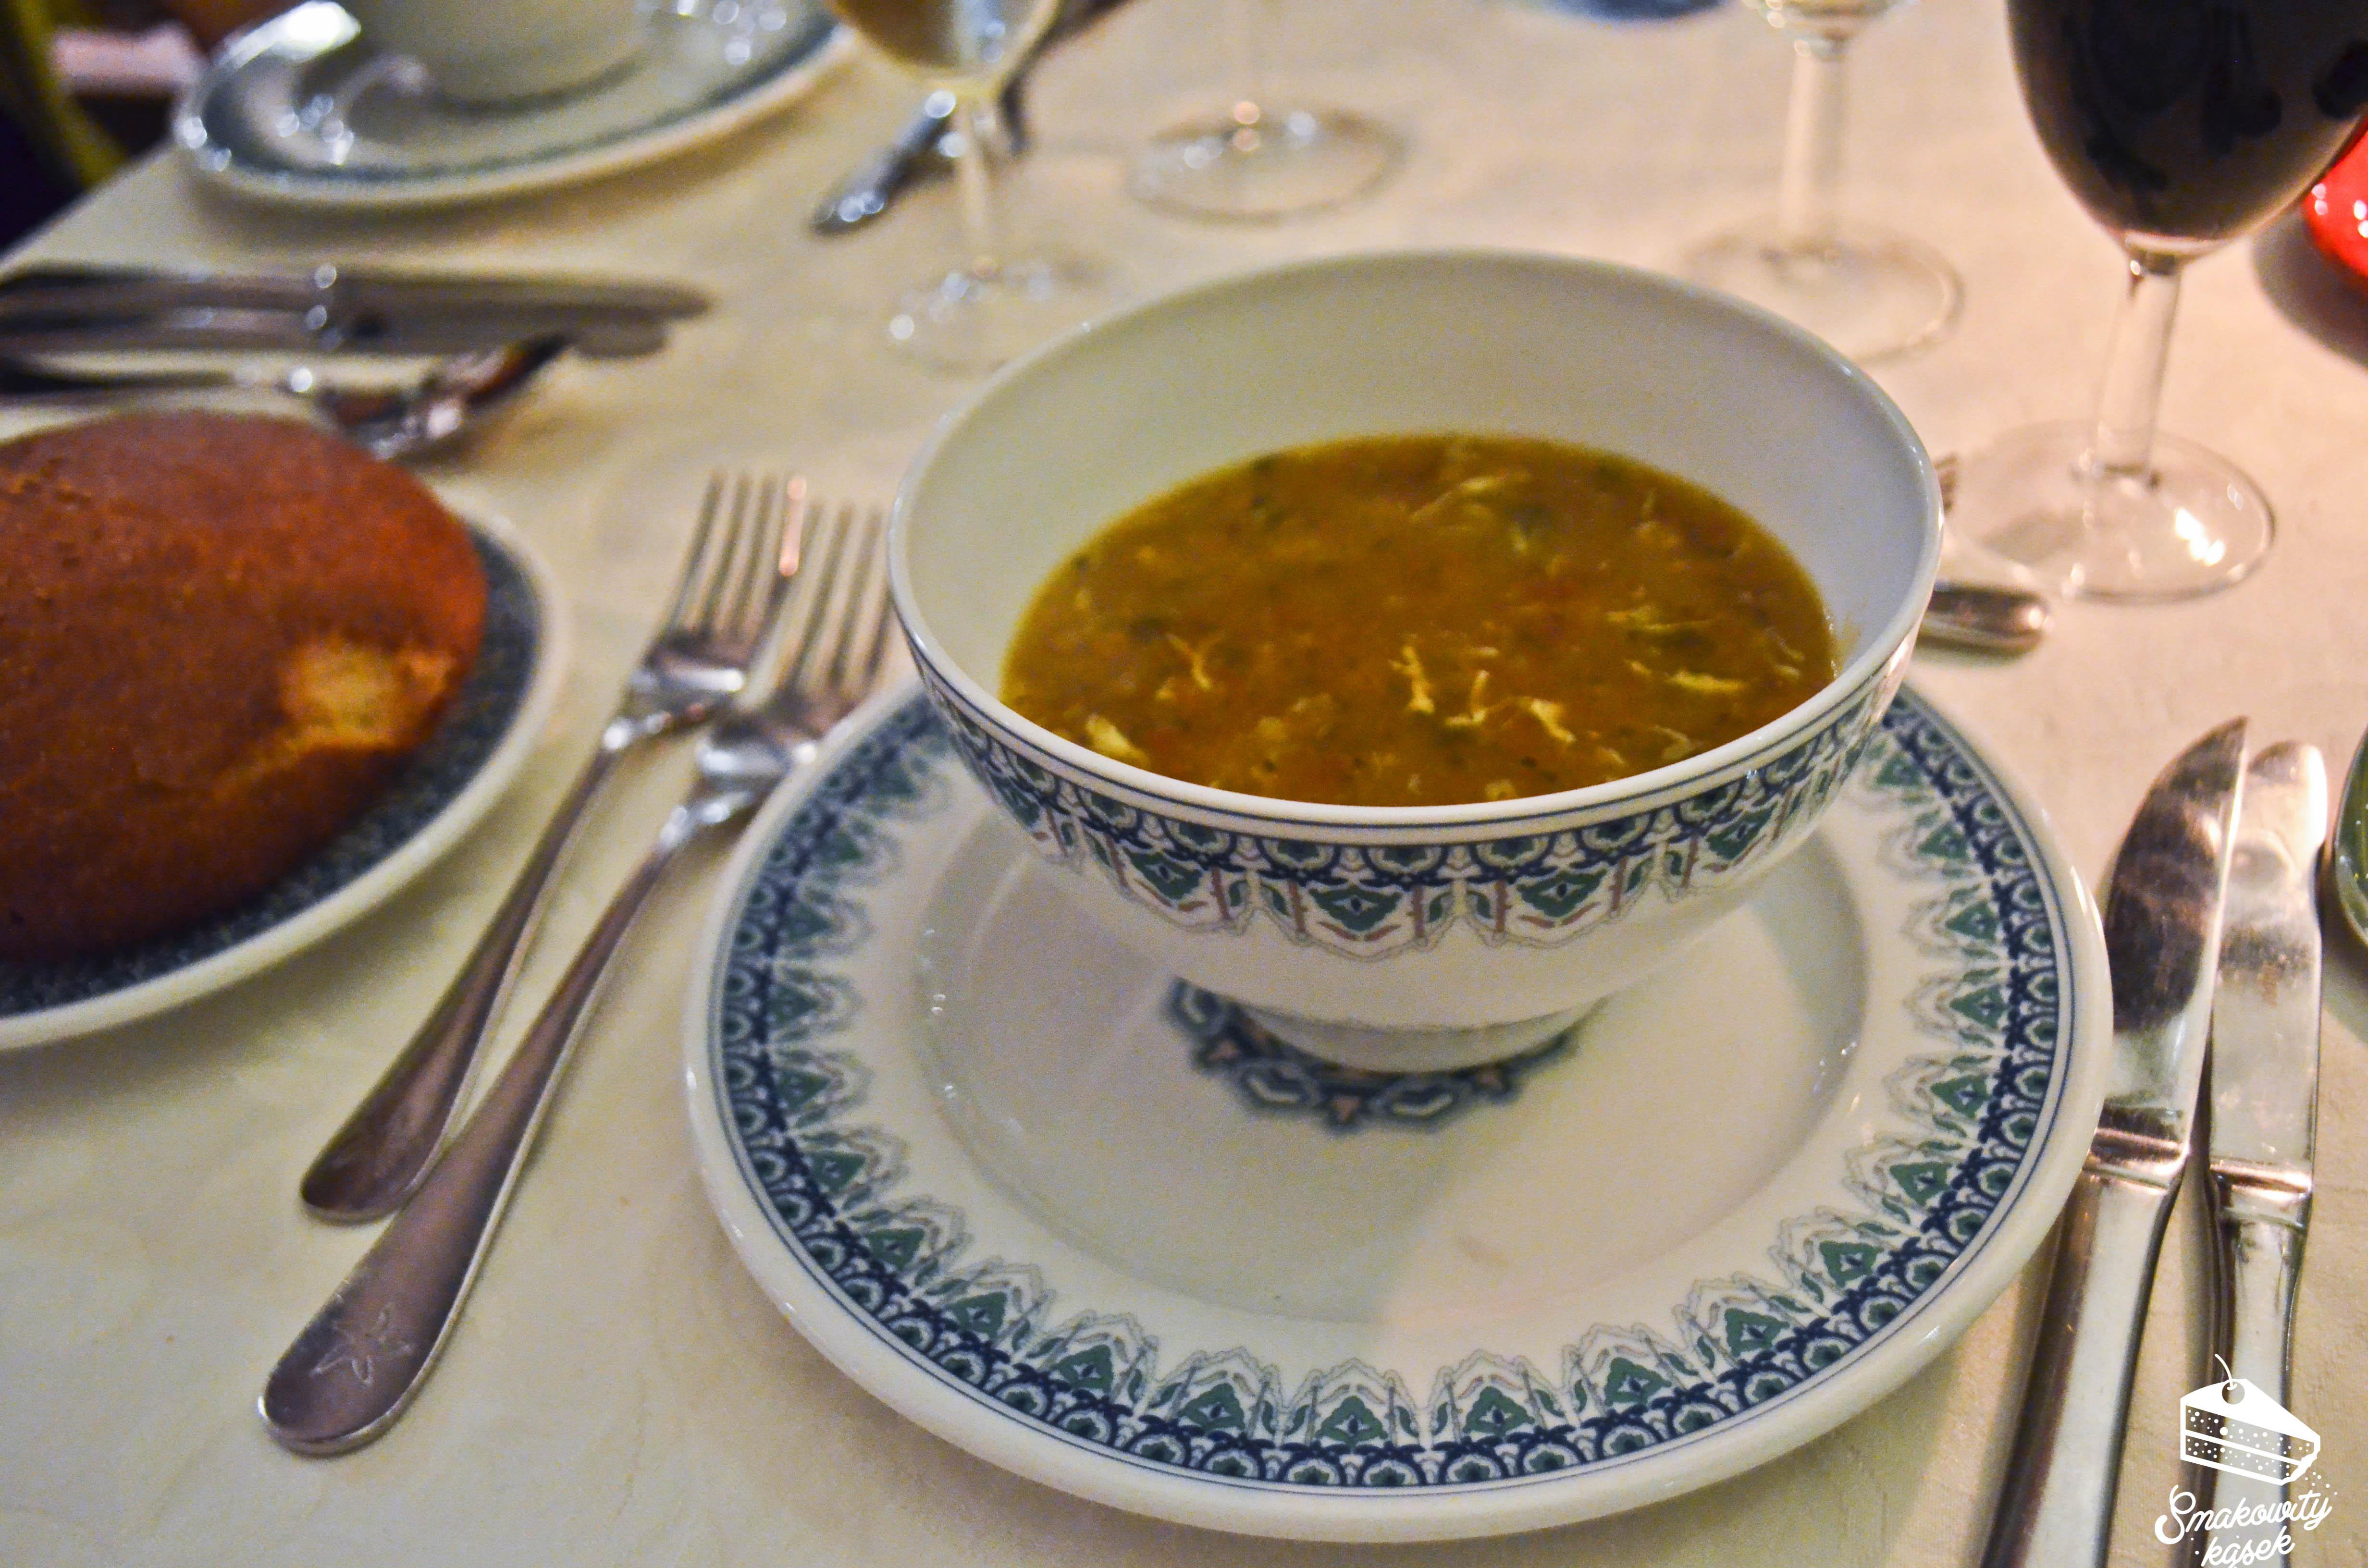 marokanskie jedzenie (1 of 1)